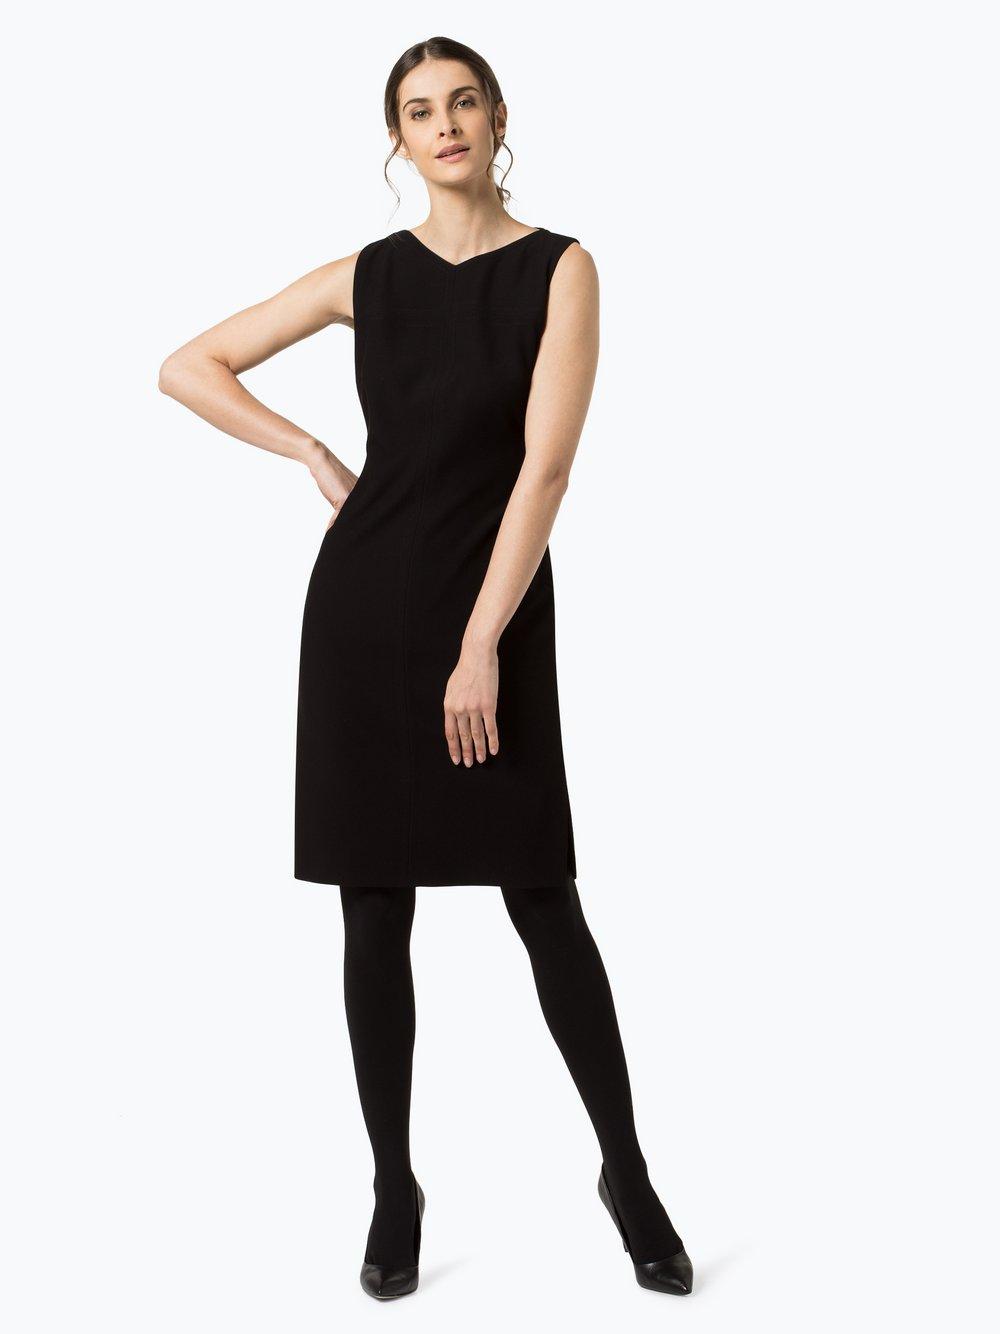 BOSS Damen Kleid - Dilamena schwarz uni online kaufen | VANGRAAF.COM